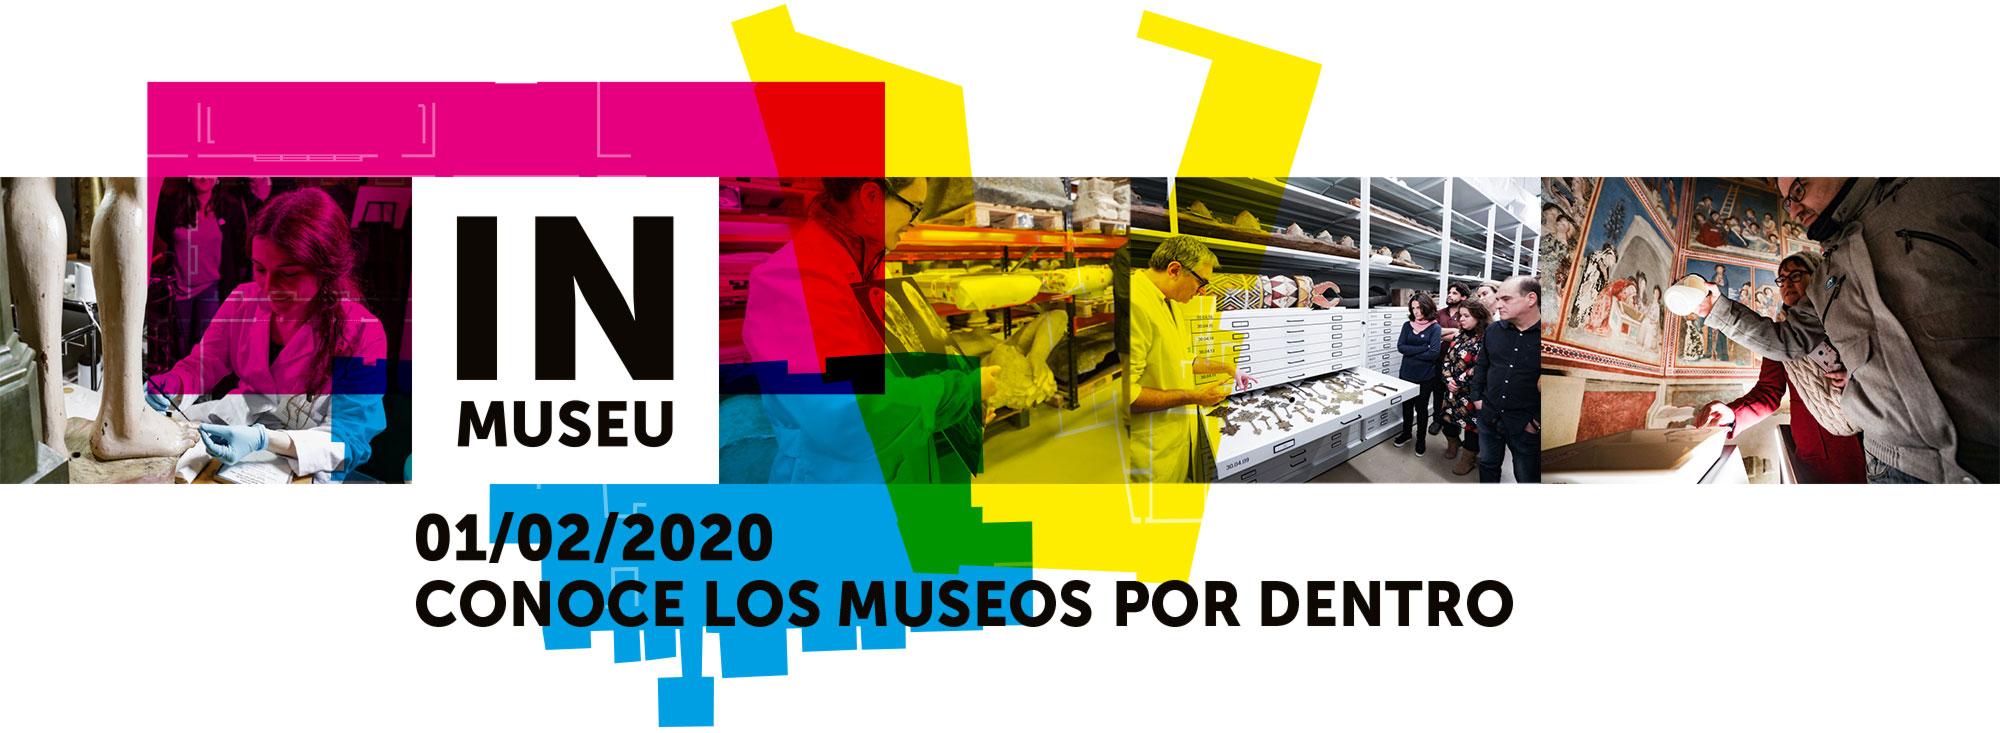 In Museu 2020